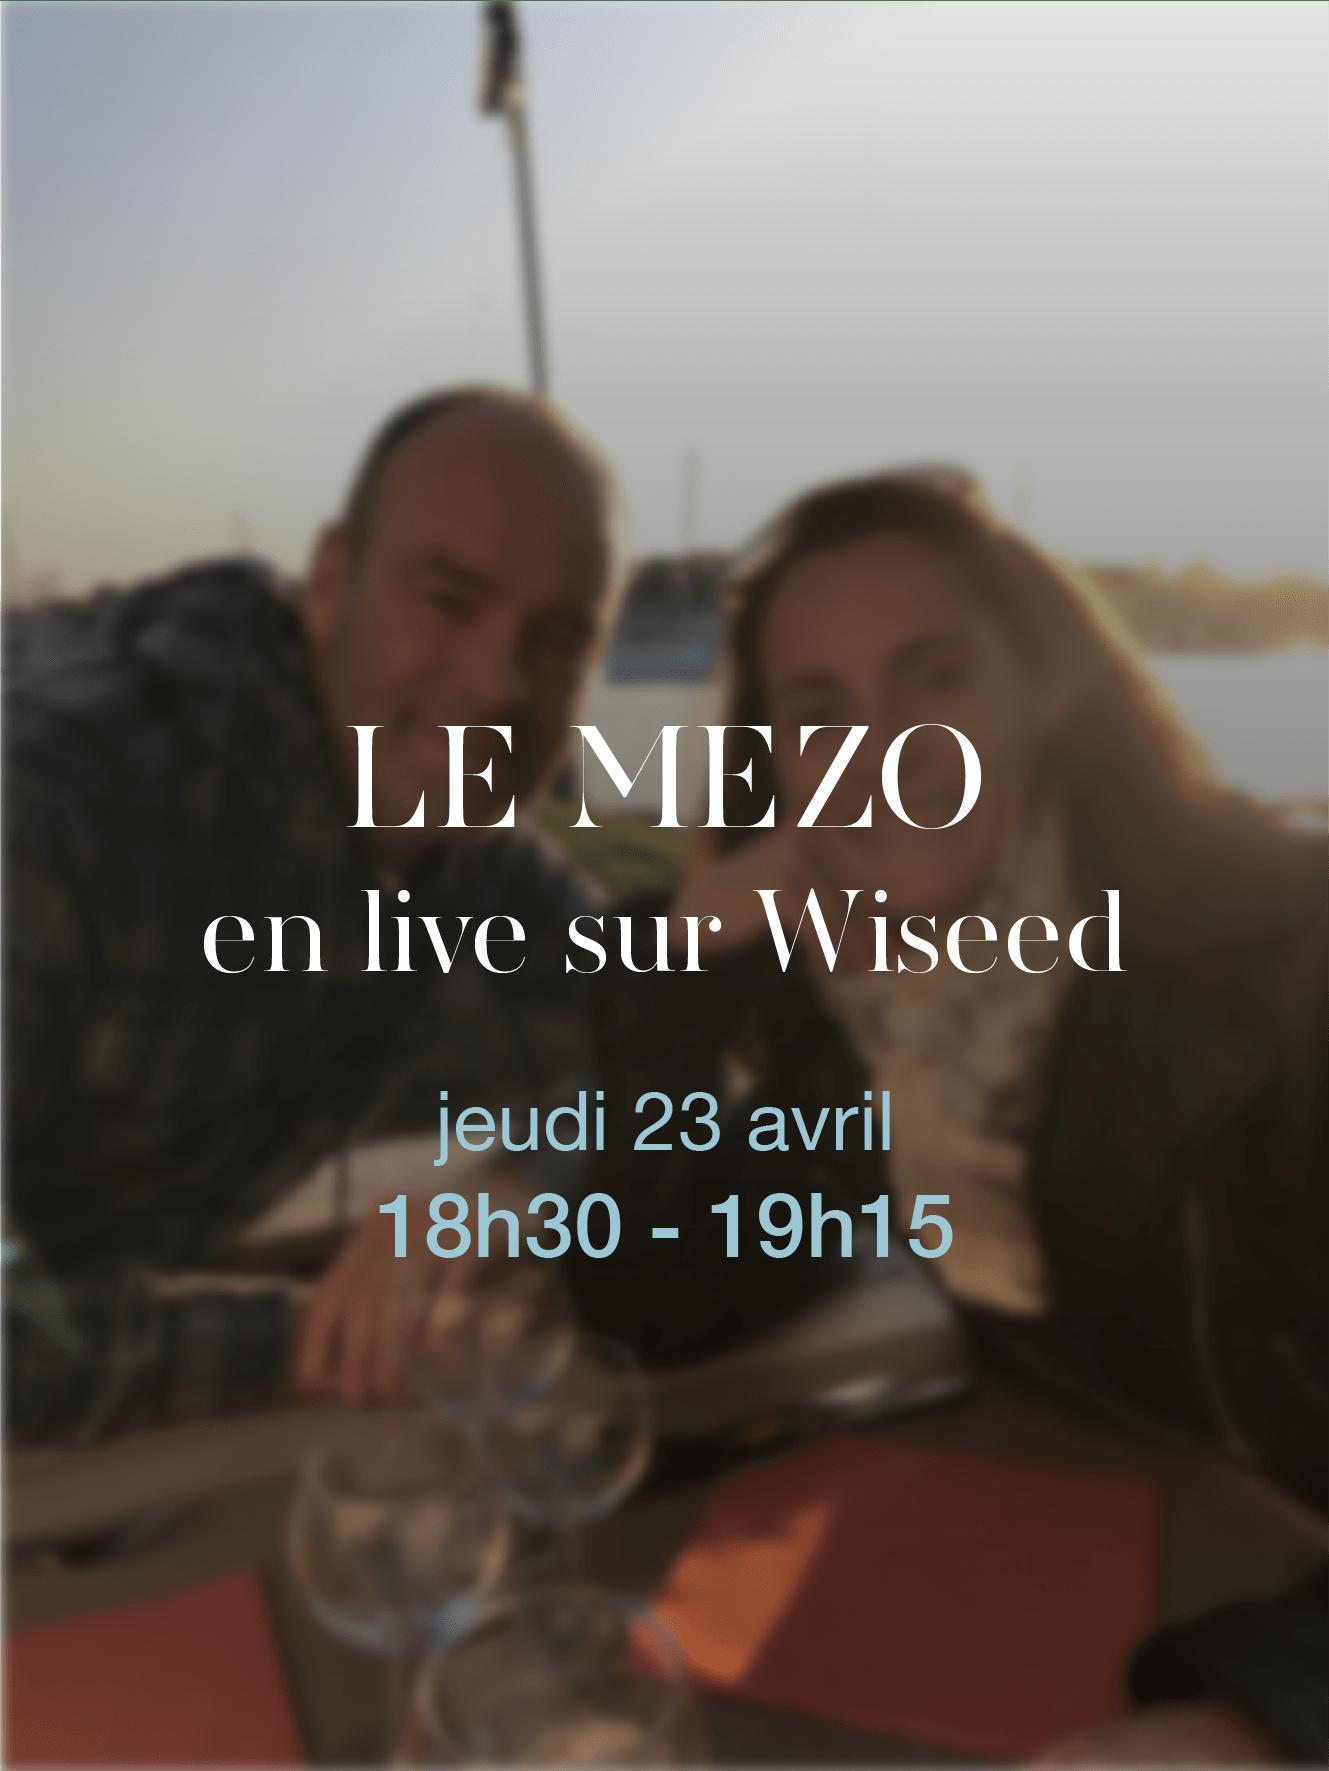 Le Mezo en live sur Wiseed